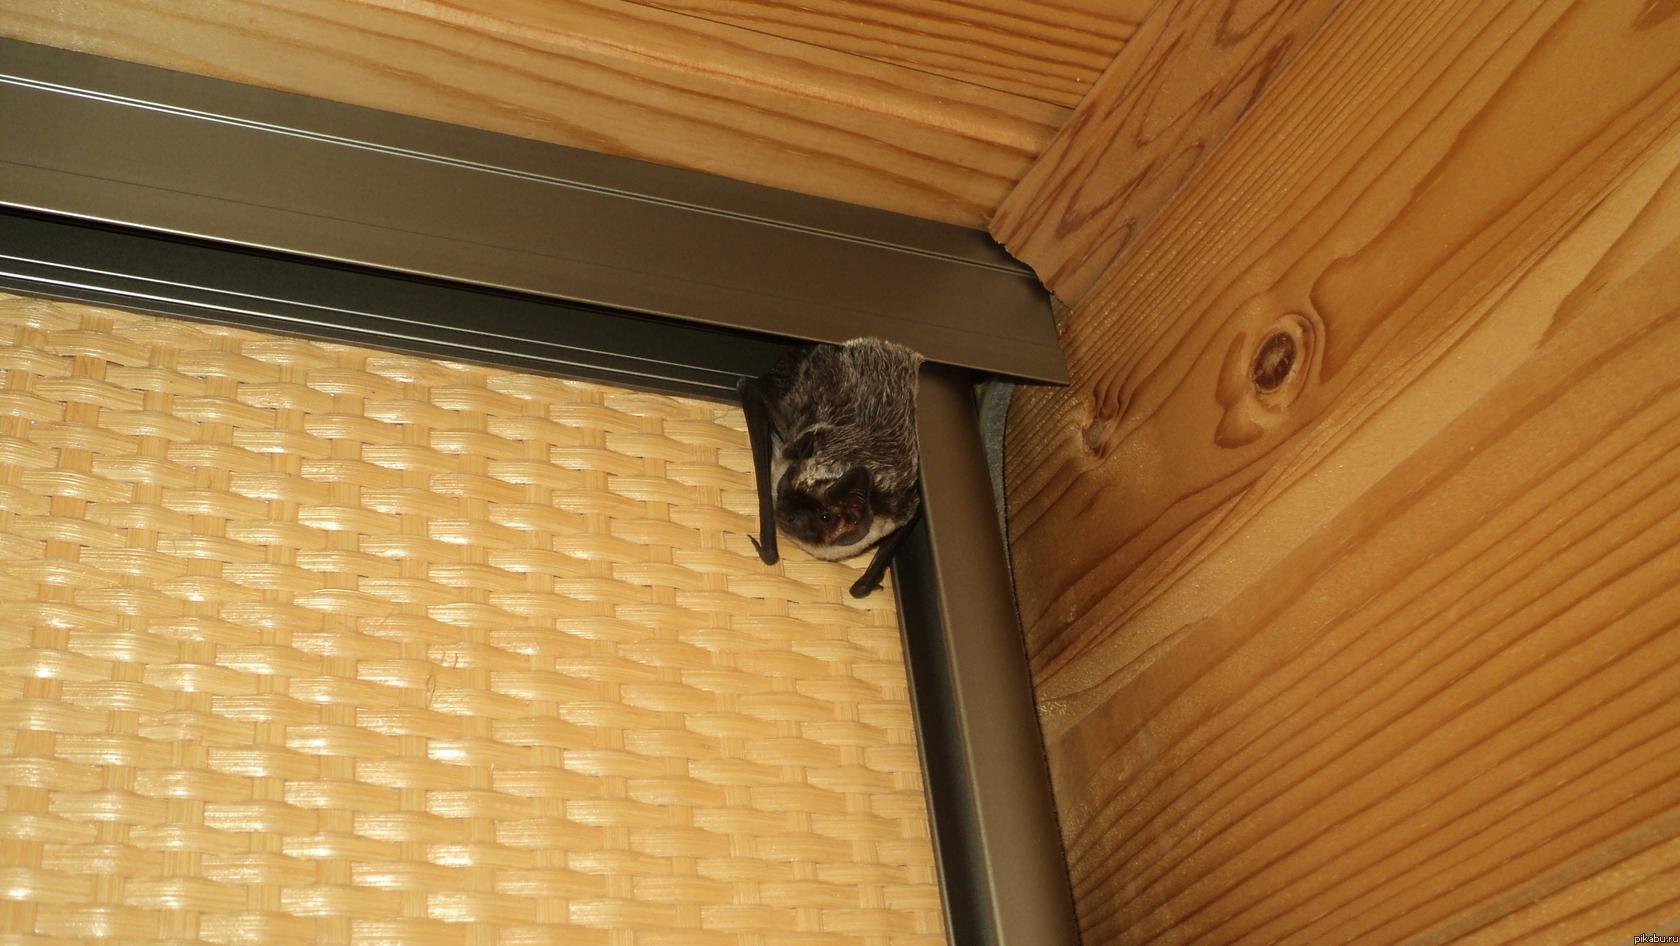 Летучая мышь залетела в квартиру – как вывести непрошенного гостя?